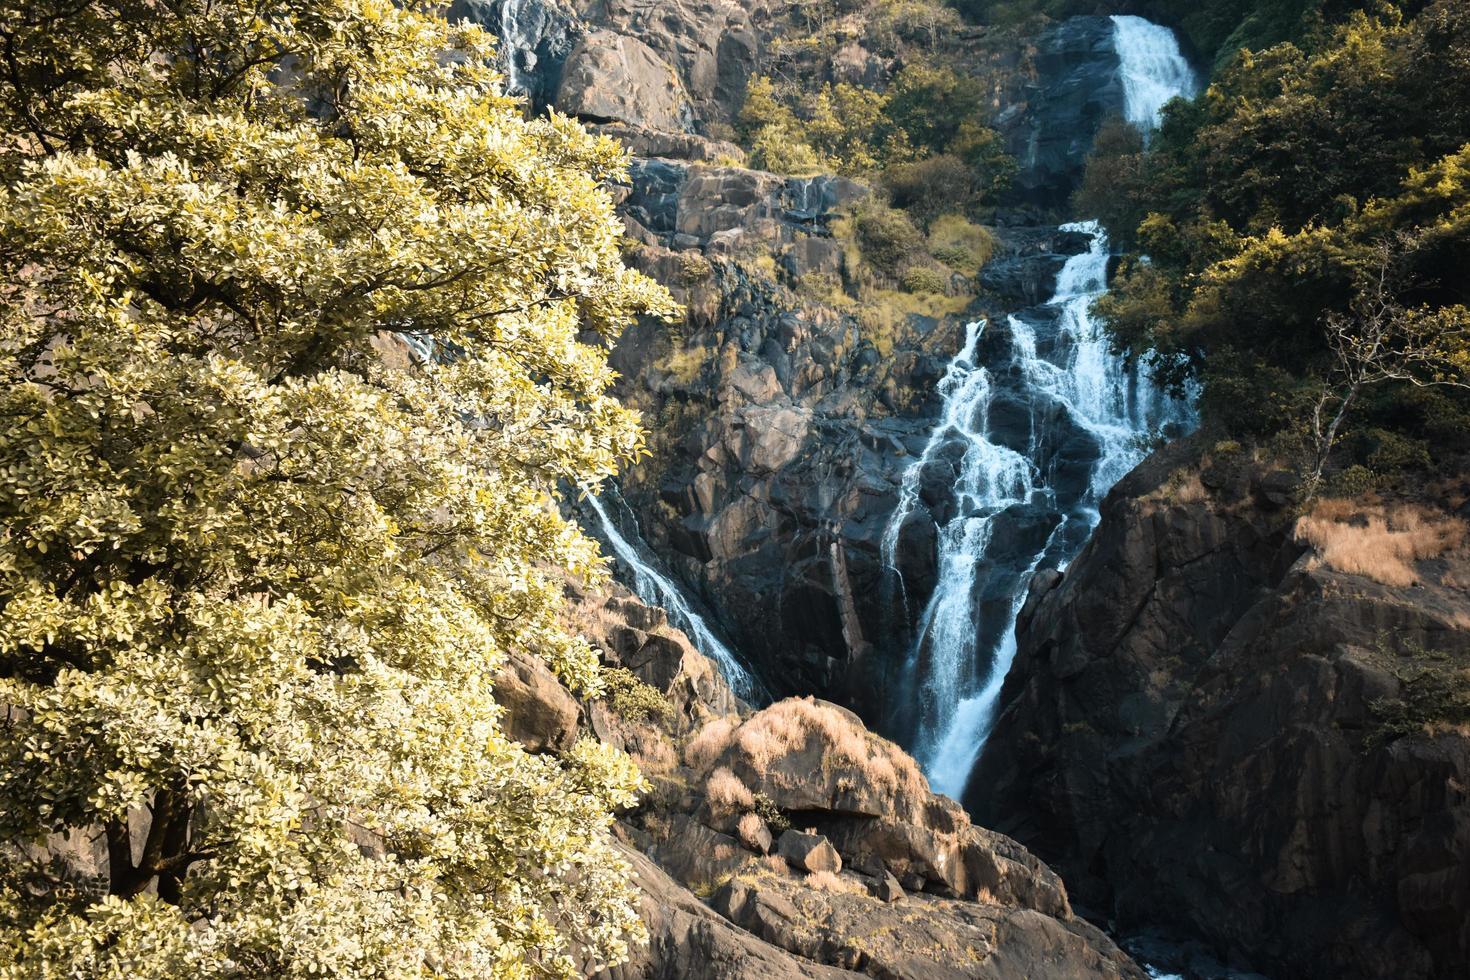 bellissima cascata proveniente dalla montagna foto